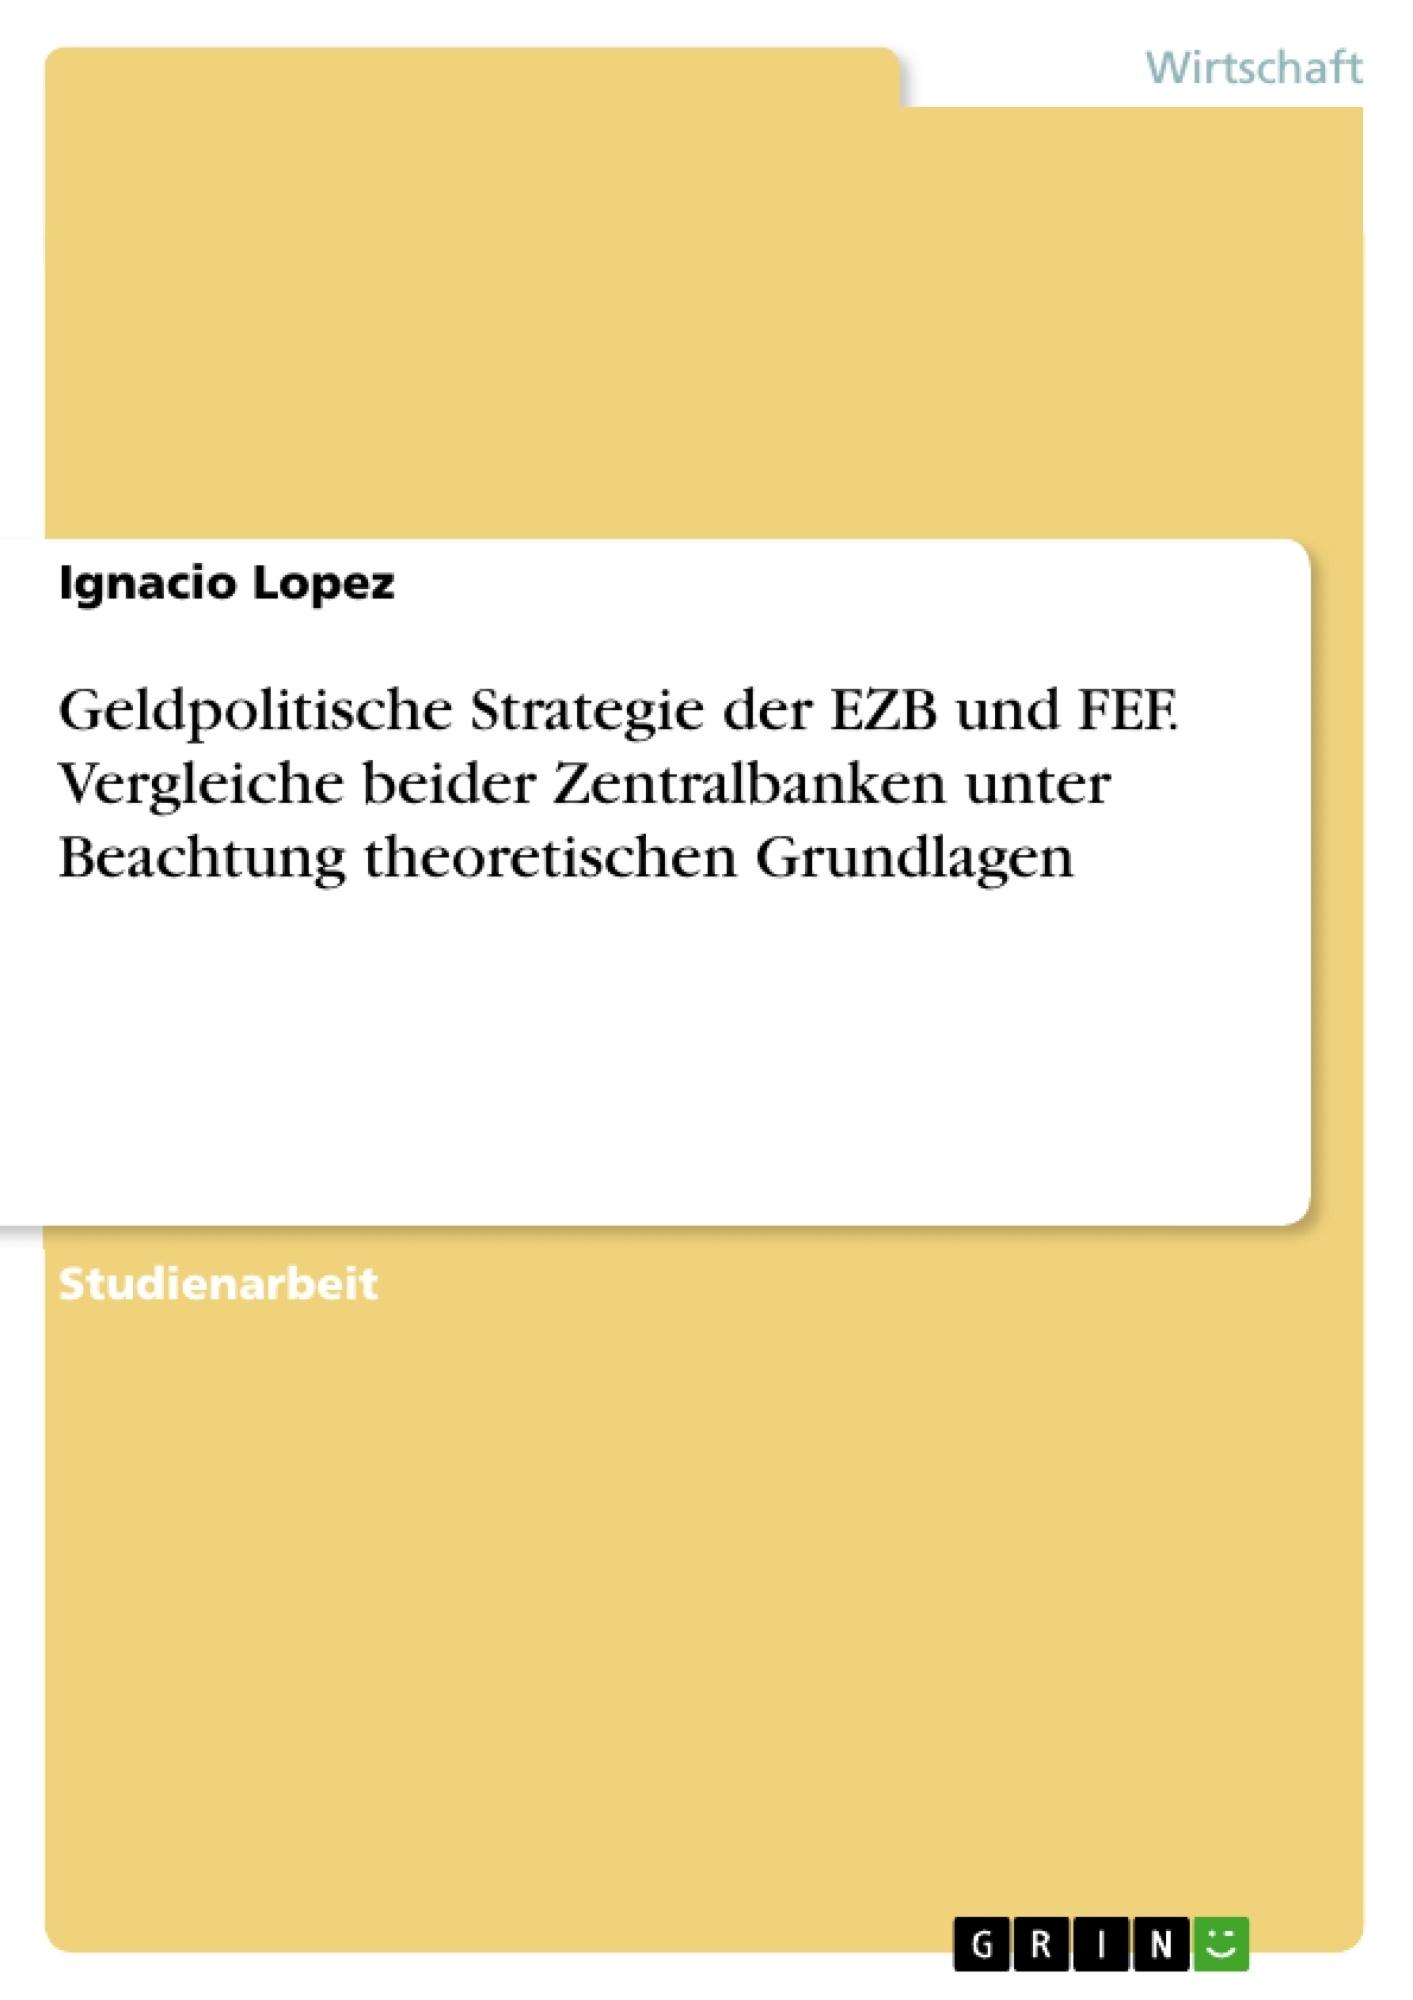 Titel: Geldpolitische Strategie der EZB und FEF. Vergleiche beider Zentralbanken unter Beachtung theoretischen Grundlagen